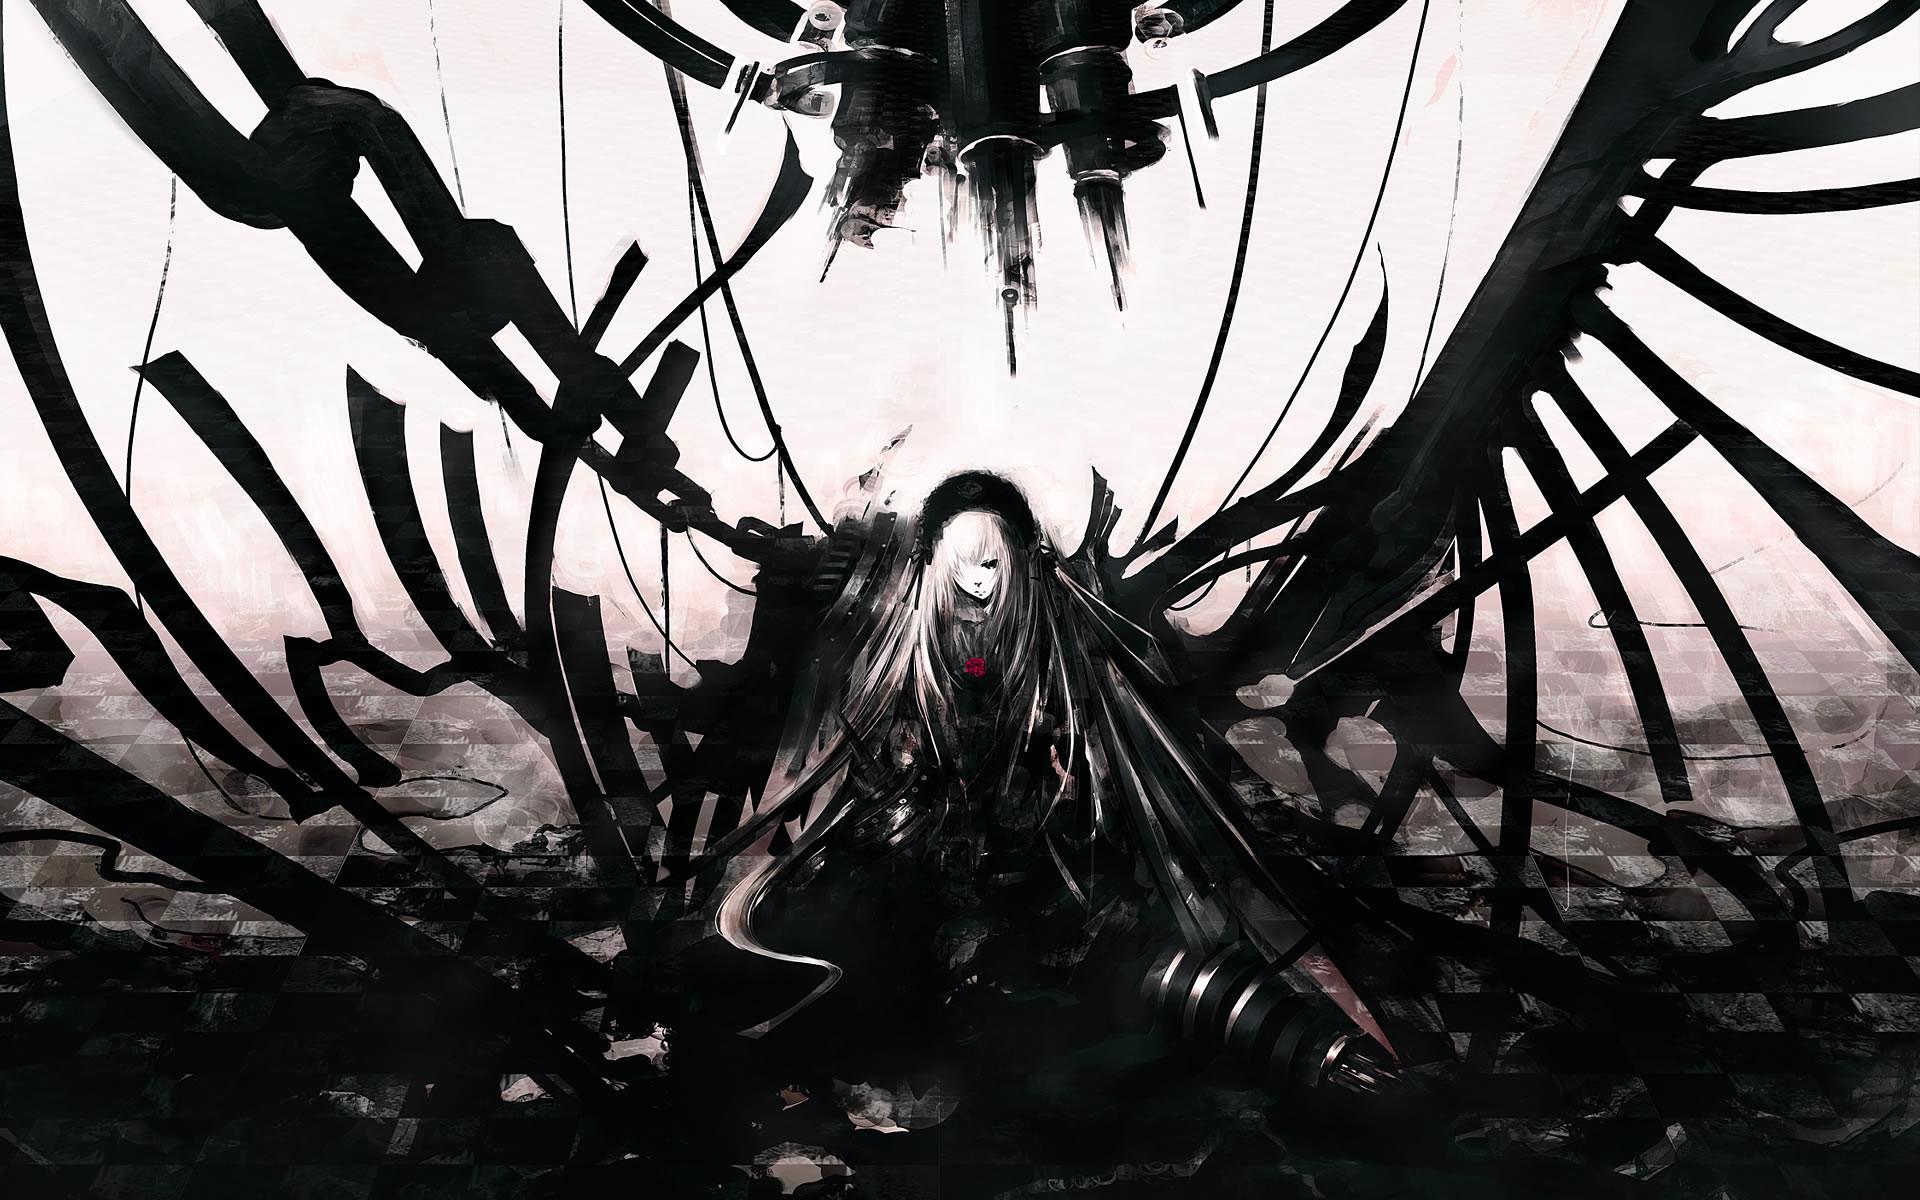 Anime Wallpaper 47 Coolvibe Digital Art Â« Trending ImageTrending Image